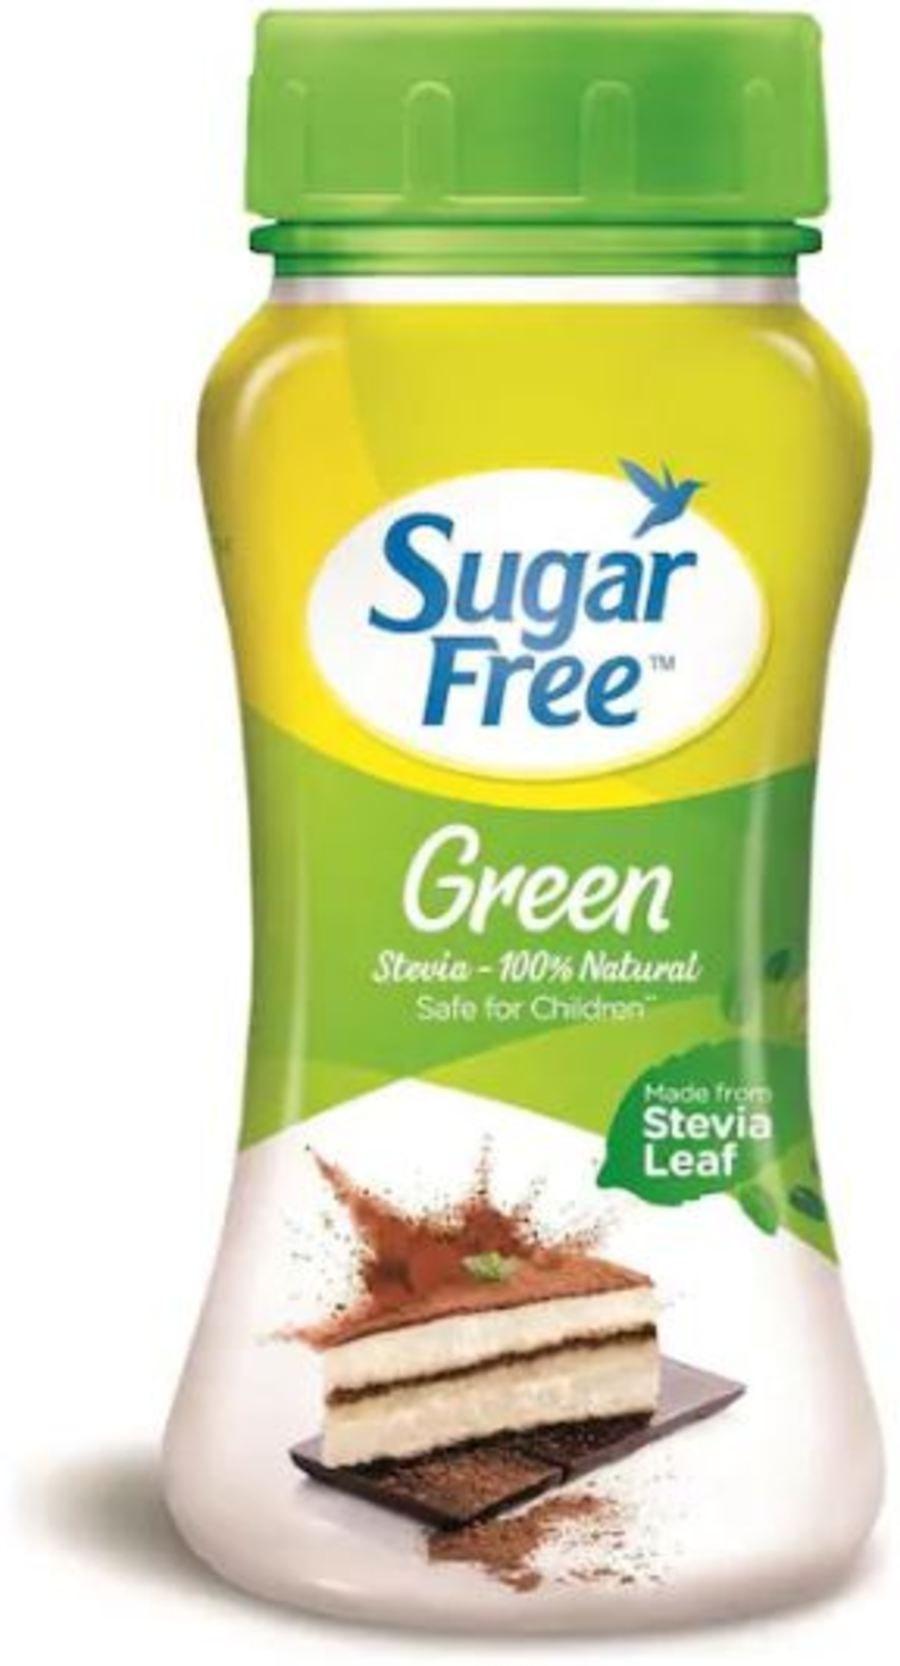 Sugar Free Green 100g Powder - Stevia & 100% Natural Sweetener